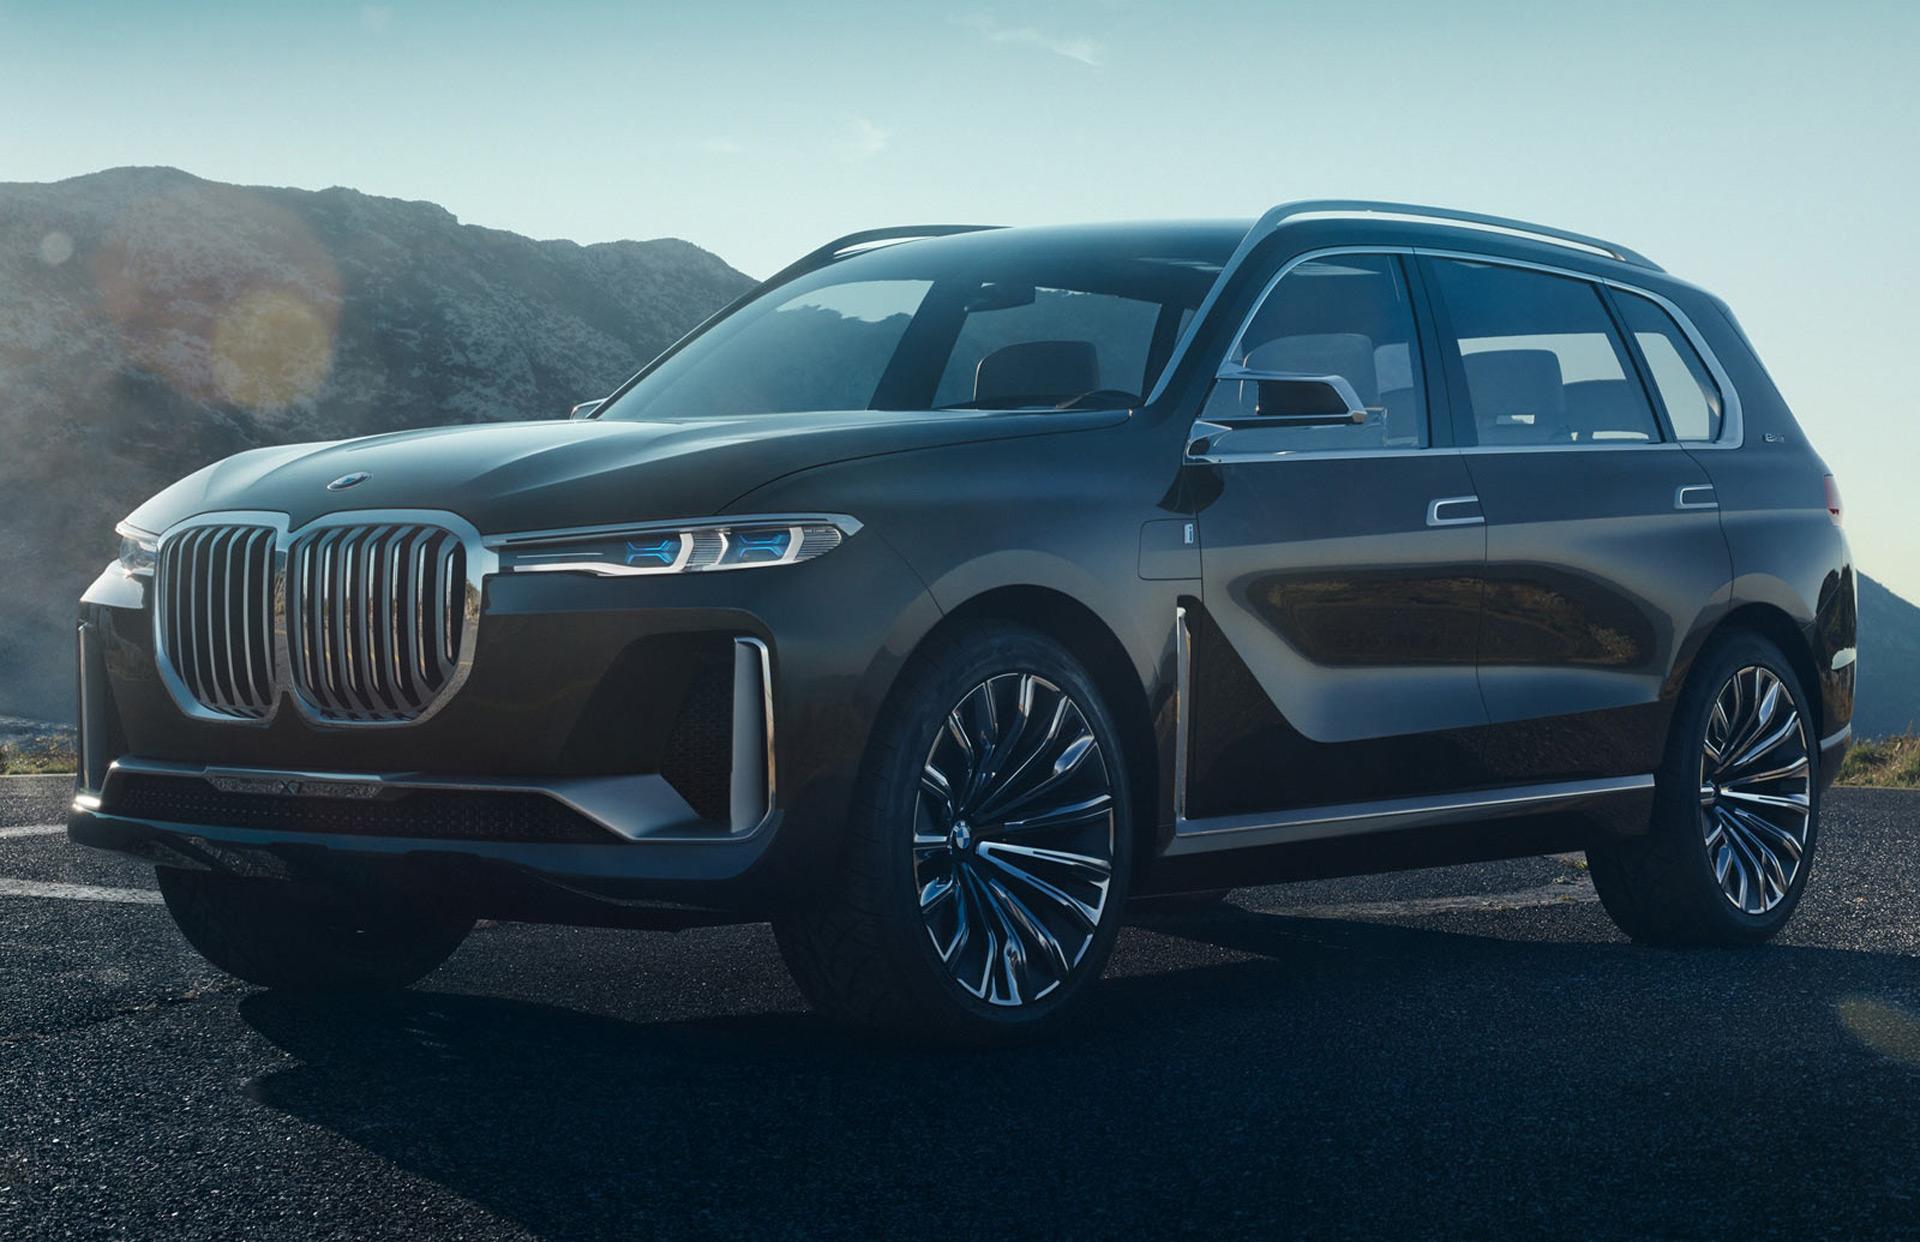 BMW X Concept Leaked - Auto bmw